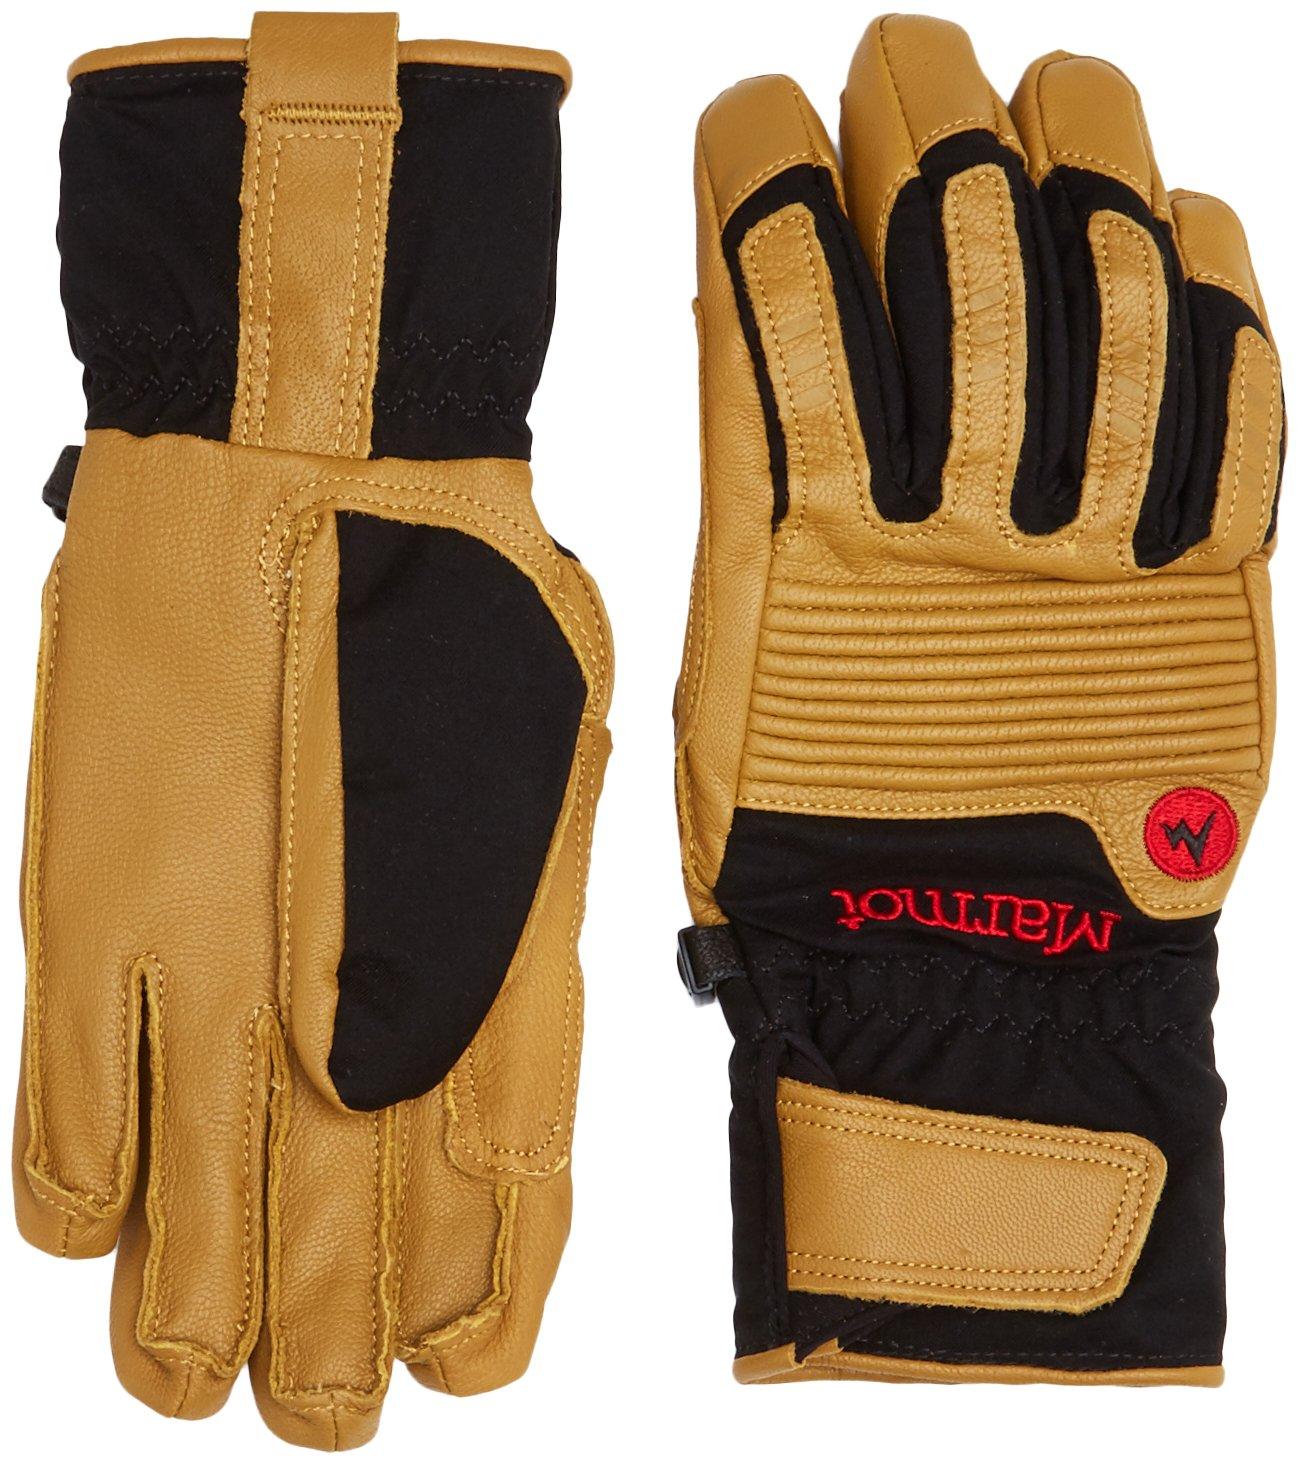 81fQrgBvs%2BL - Marmot Exum Guide Undercuff Gloves, Men, Technical Ski Gloves